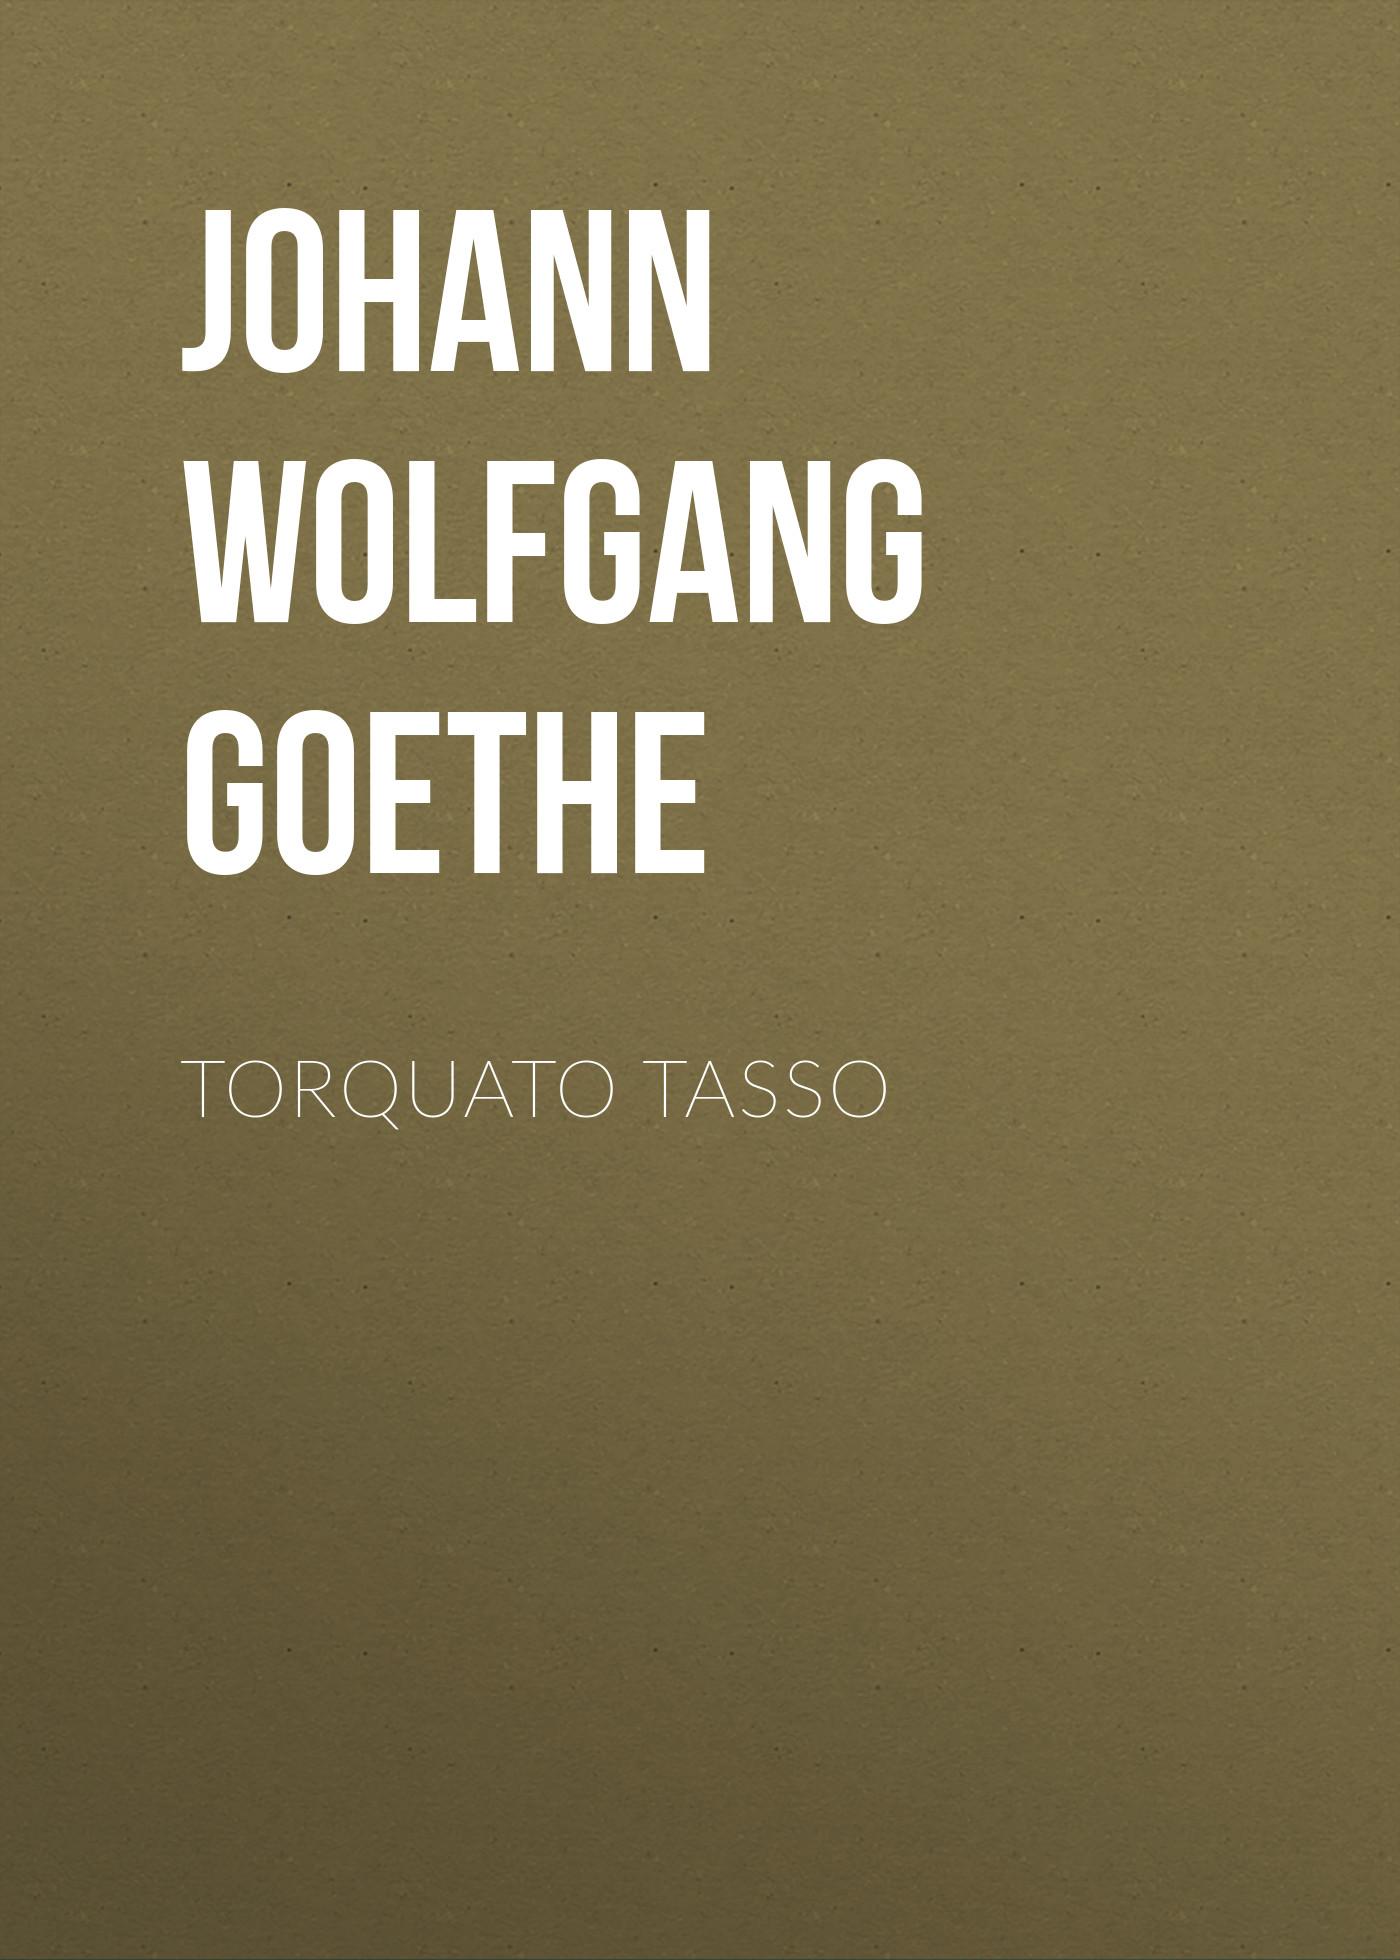 Иоганн Вольфганг фон Гёте Torquato Tasso иоганн вольфганг фон гёте прометей